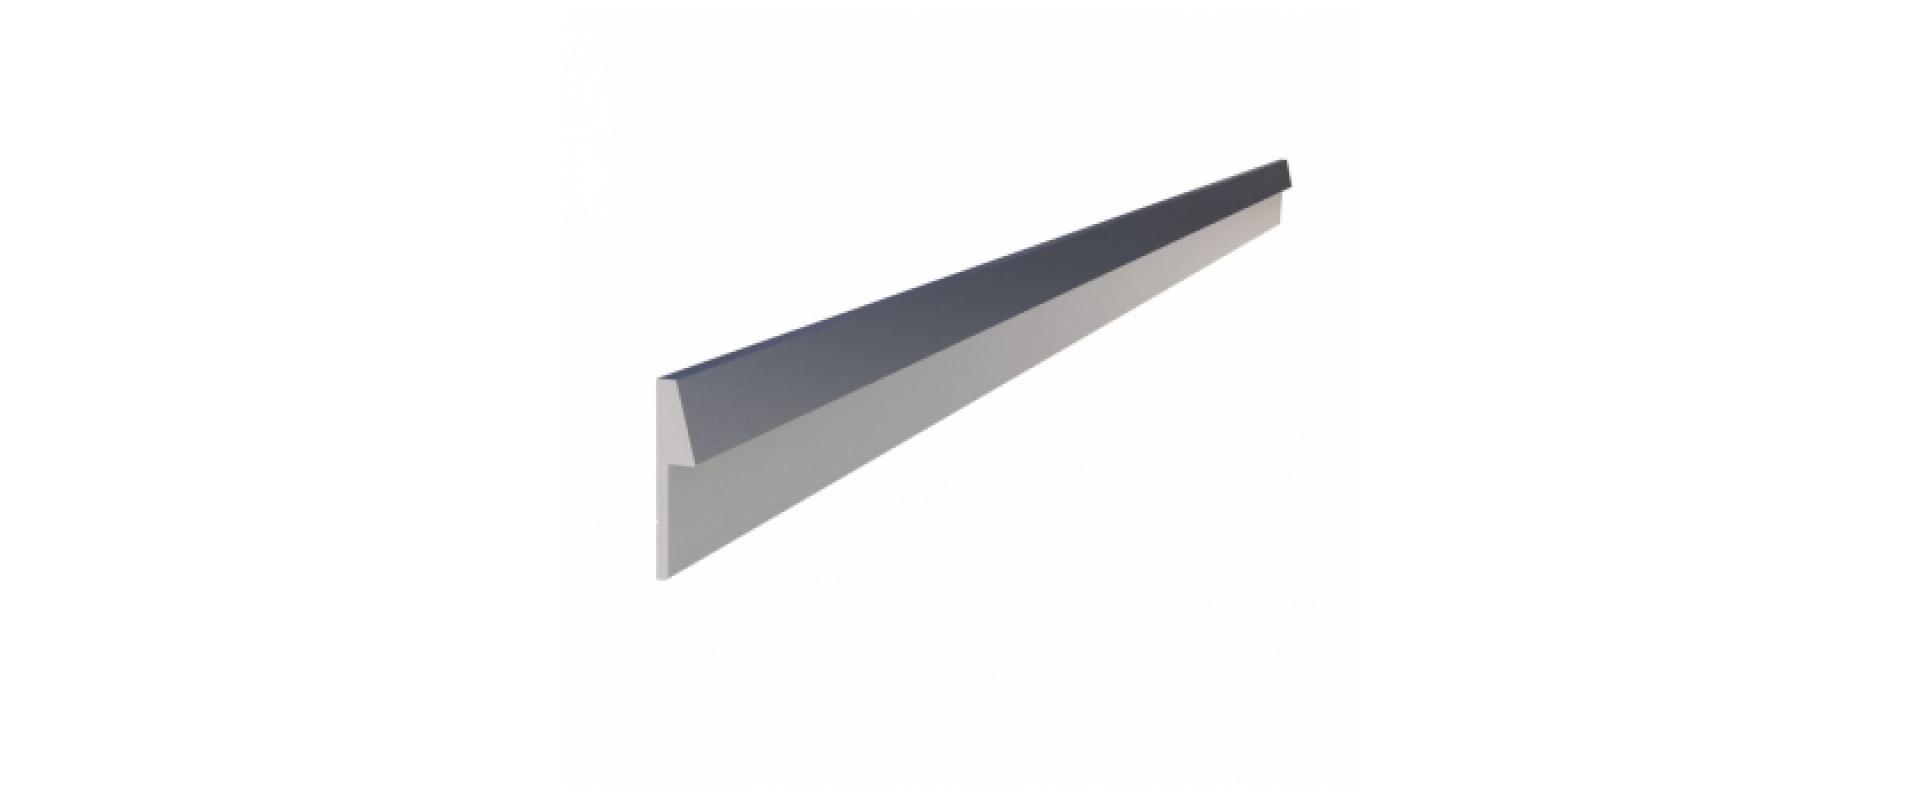 Profil arrière en aluminium pour le plan de travail